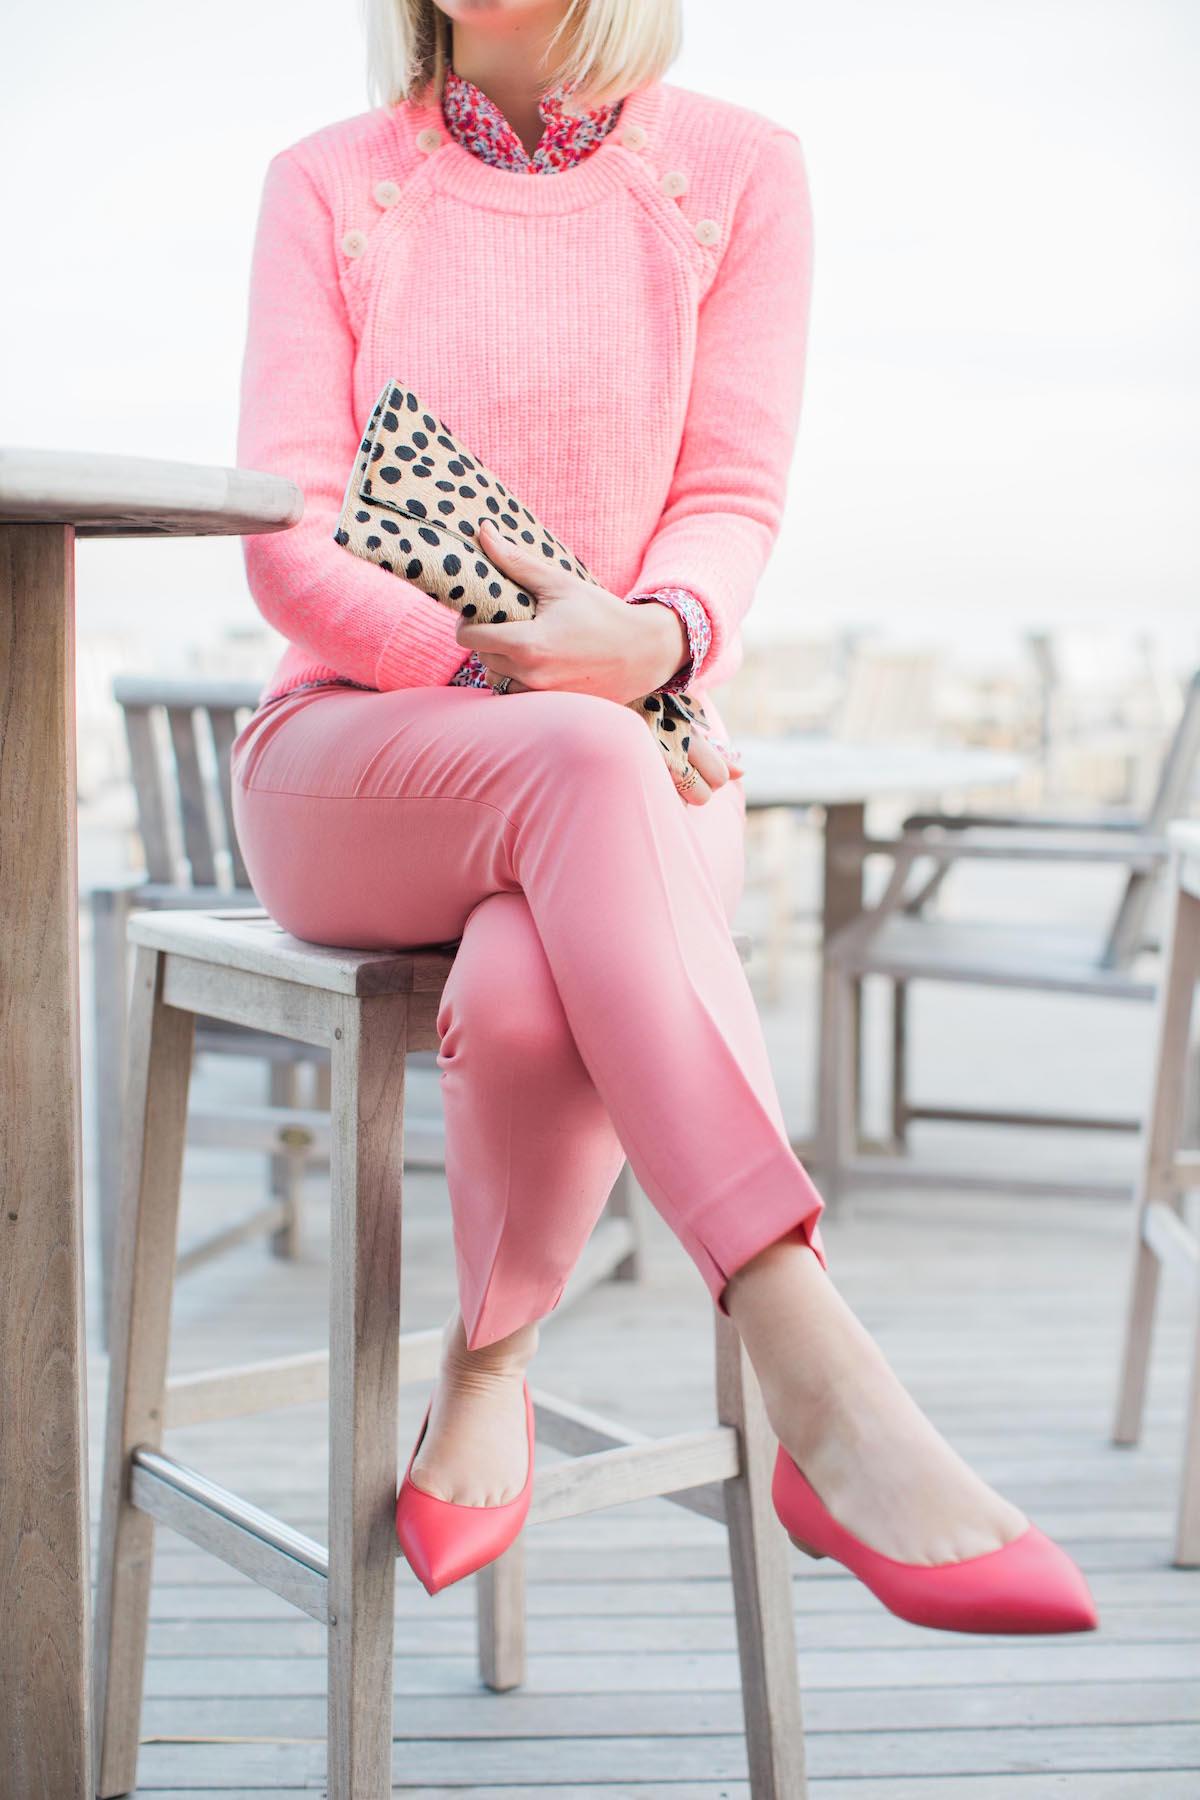 Lemon Stripes wearing pink